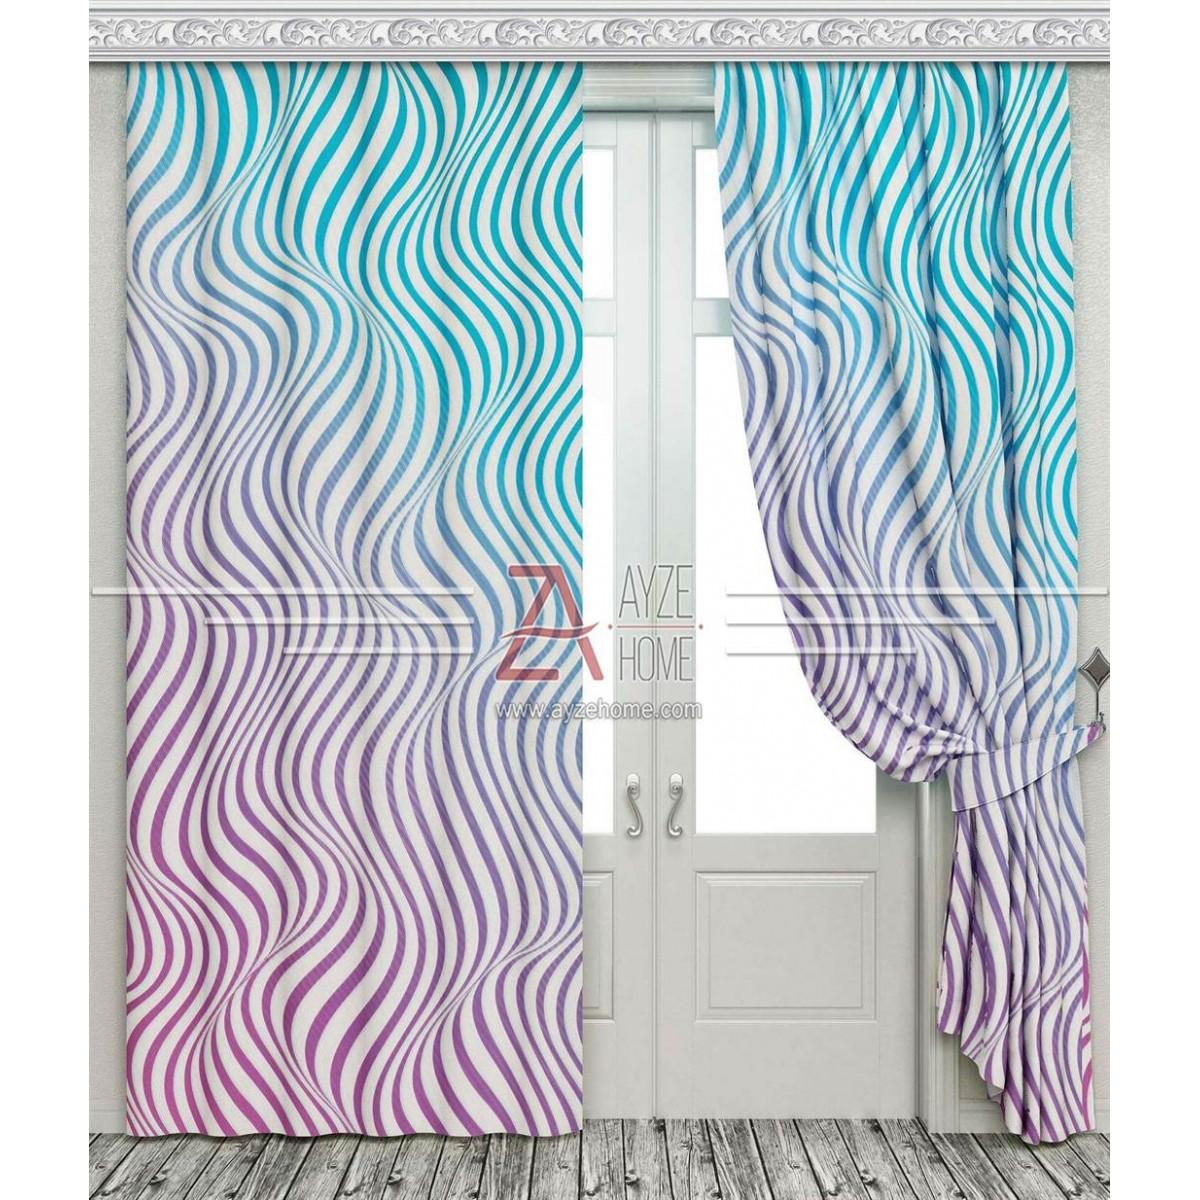 Salon - Renkli Dalga - Baskılı Fon Perde